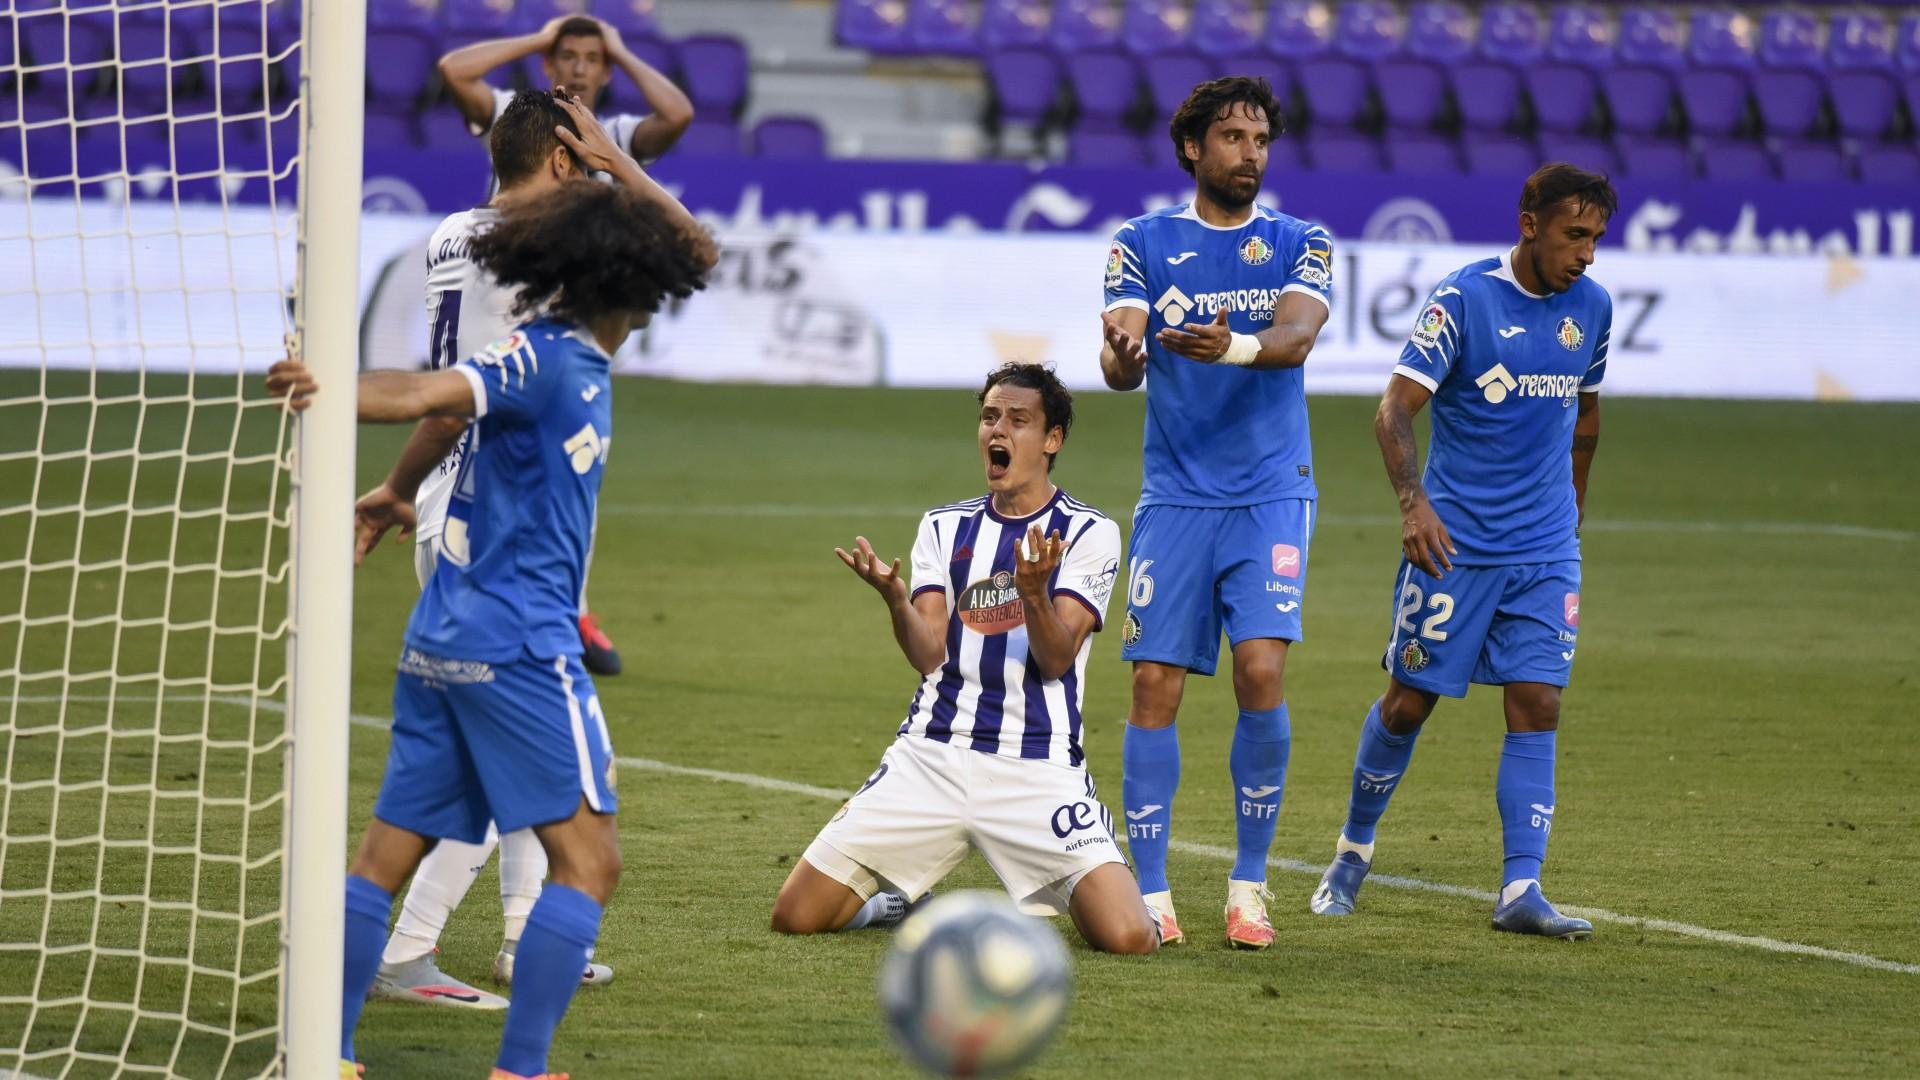 Enes Ünal'ın golü, Real Valladolid'e 1 puanı getirdi